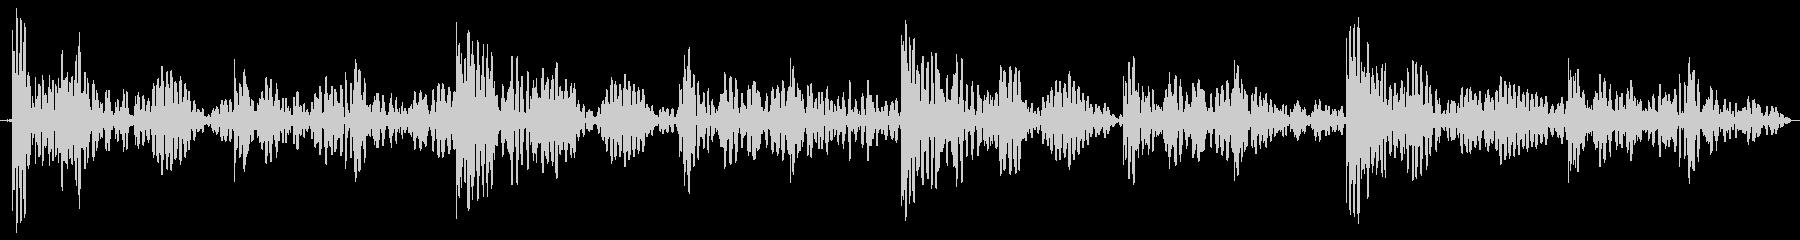 ドンドコ 太鼓のリズム ループ用の未再生の波形